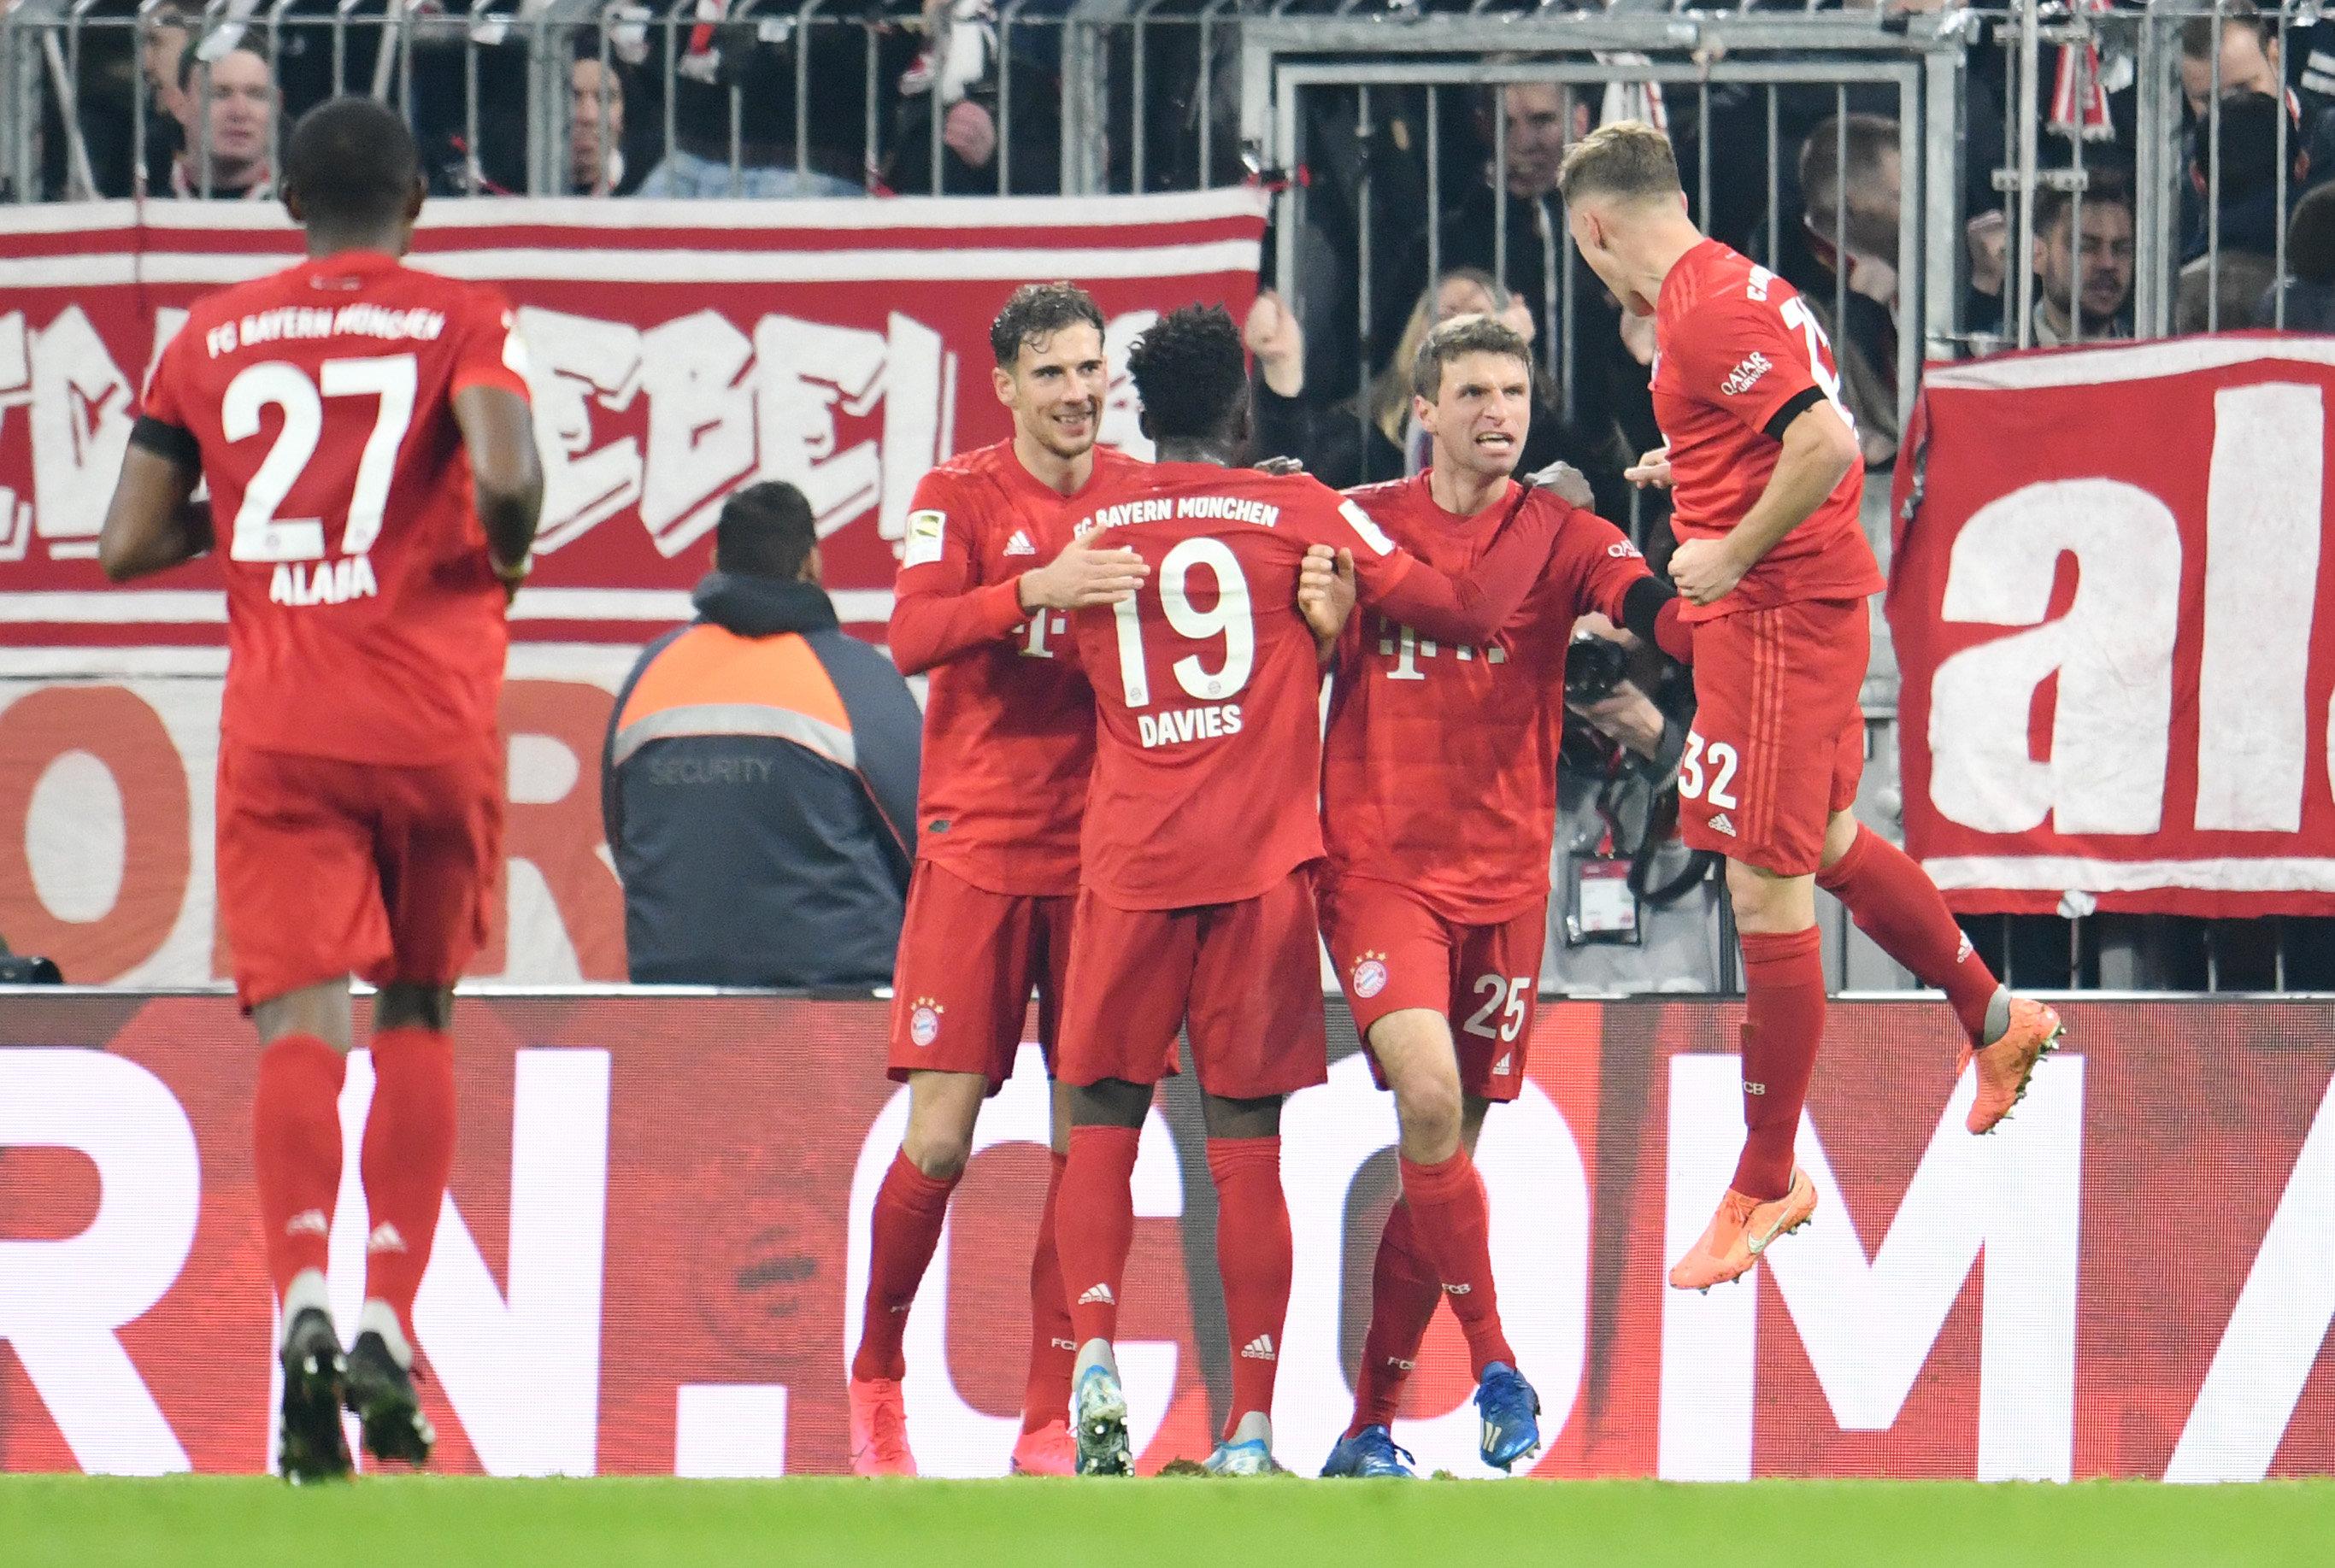 Stadionsprecher Bayern München